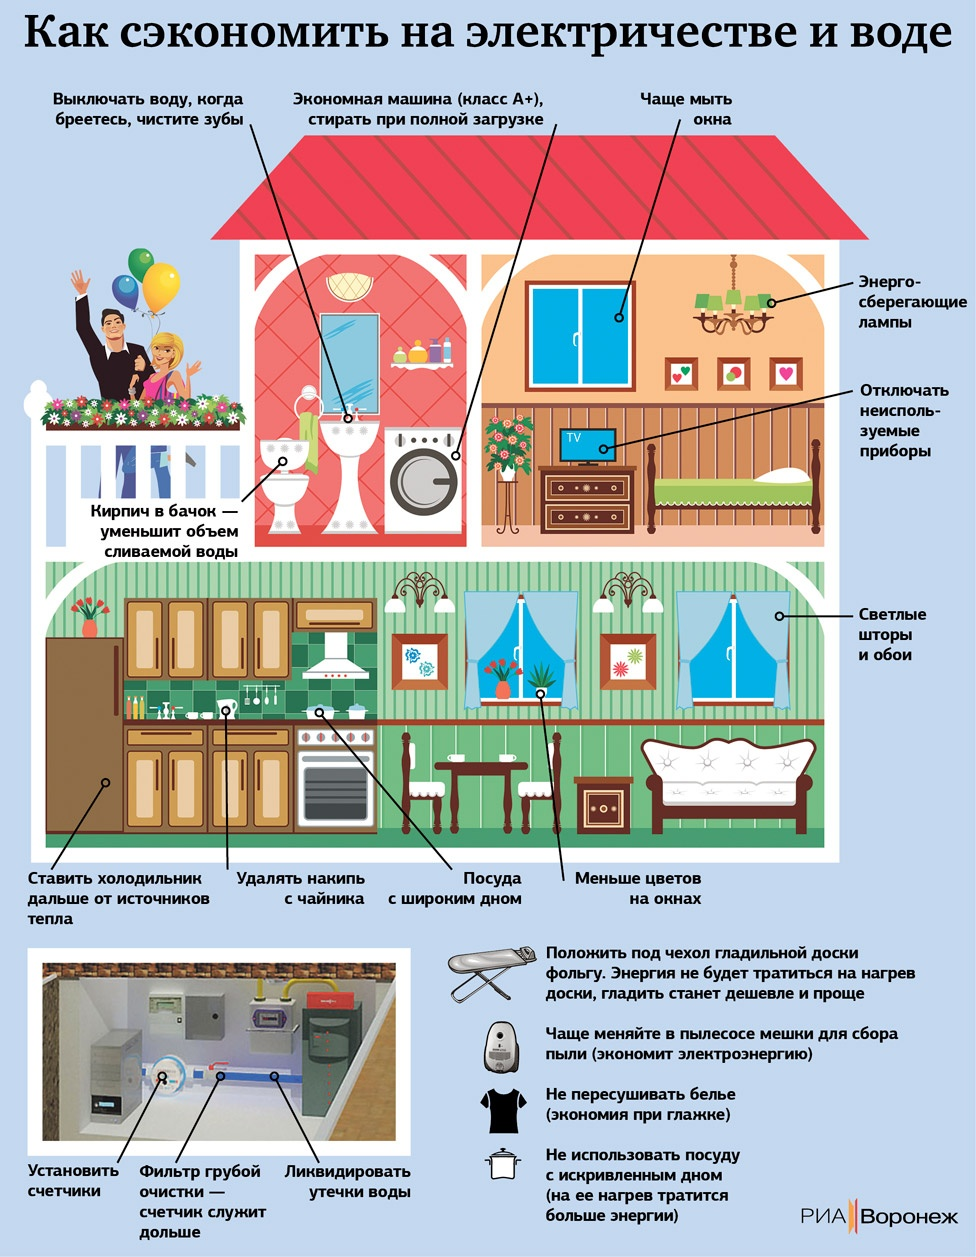 Как экономить в домашних условиях